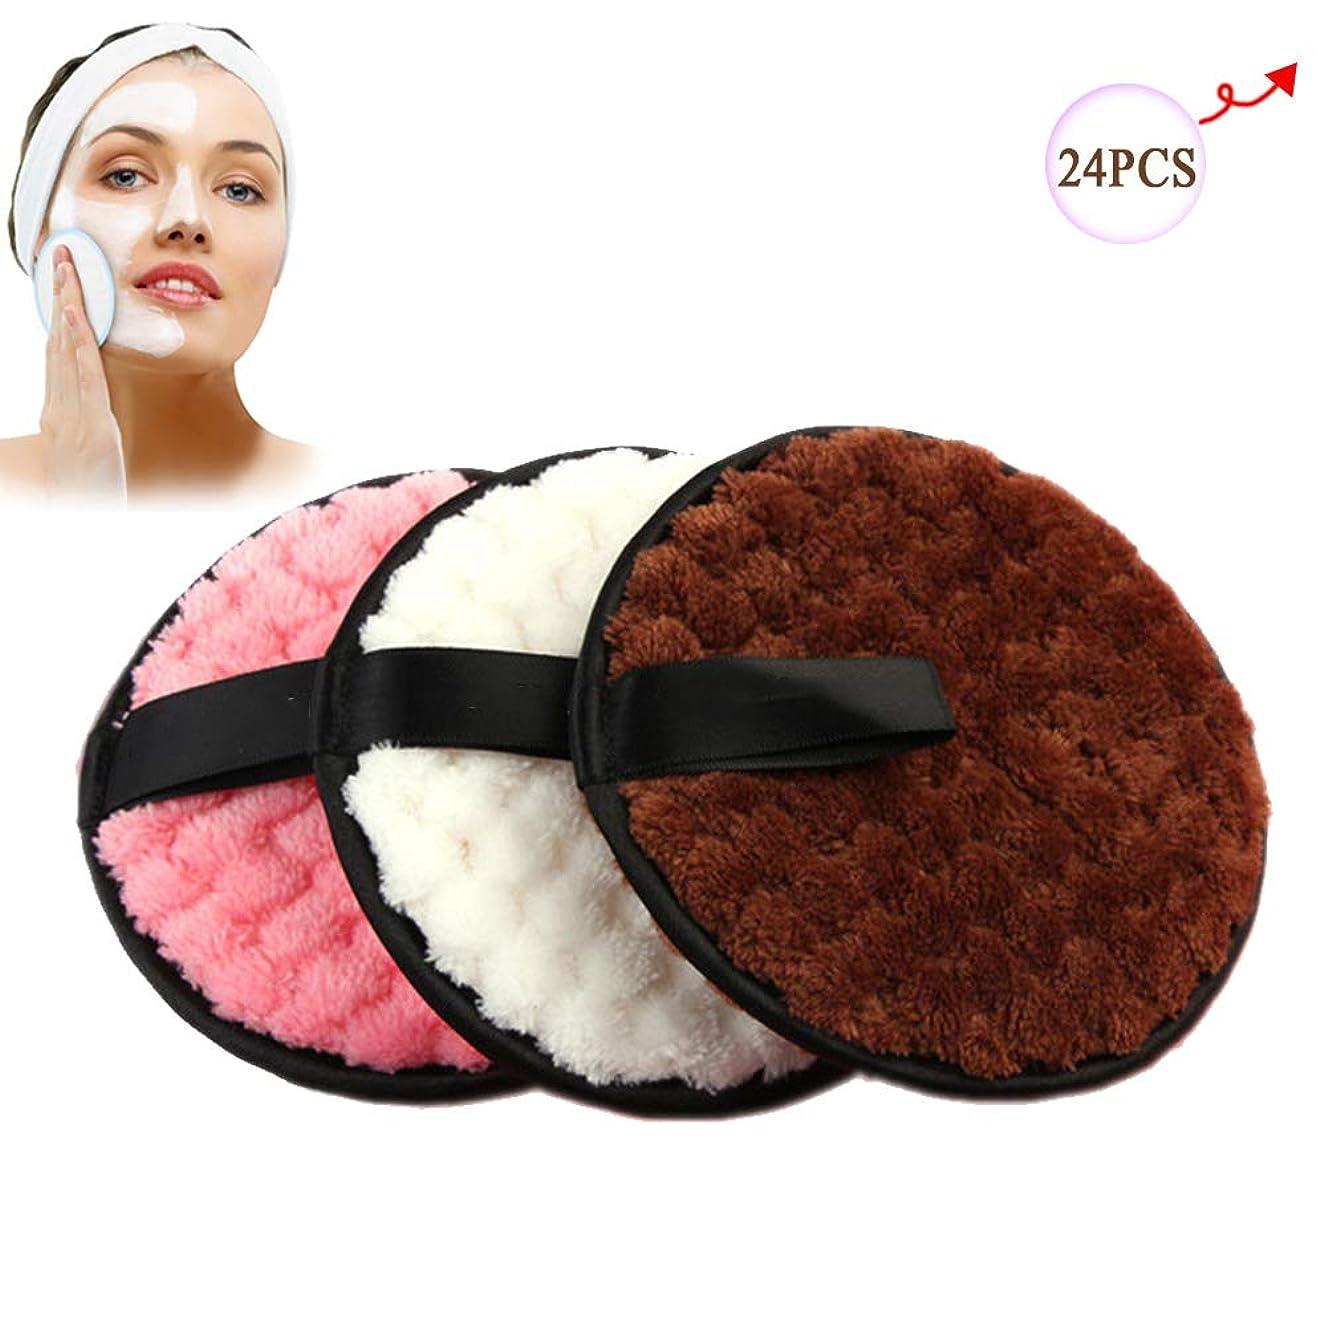 サスペンション今長方形リムーバーパッド、再利用可能なクレンジングコットンファイバー吸収性綿パッド女性のための顔/目/唇,24PCS